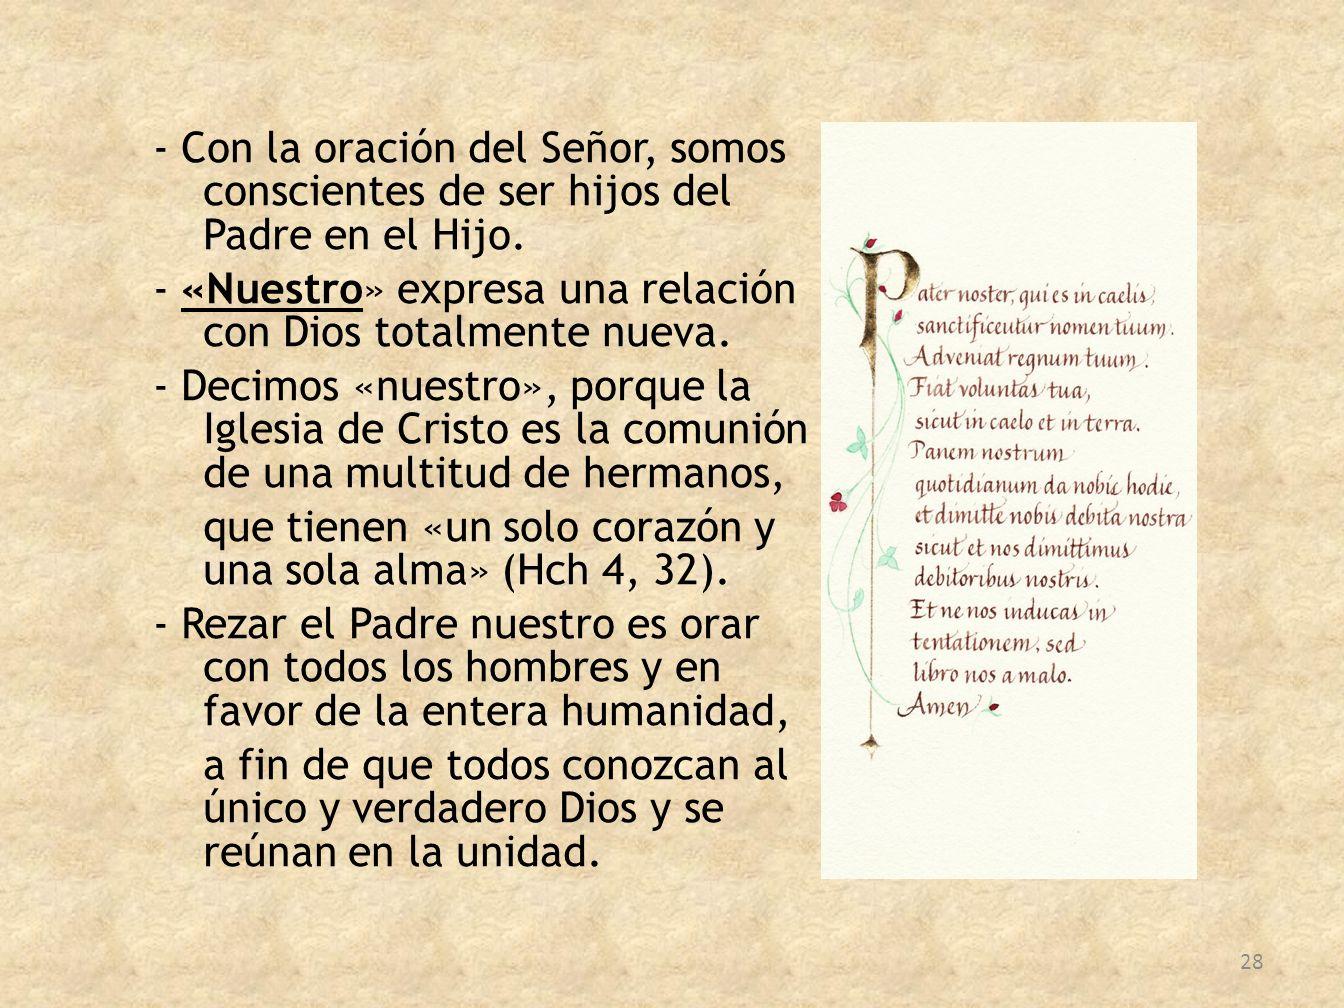 - Con la oración del Señor, somos conscientes de ser hijos del Padre en el Hijo. - «Nuestro» expresa una relación con Dios totalmente nueva. - Decimos